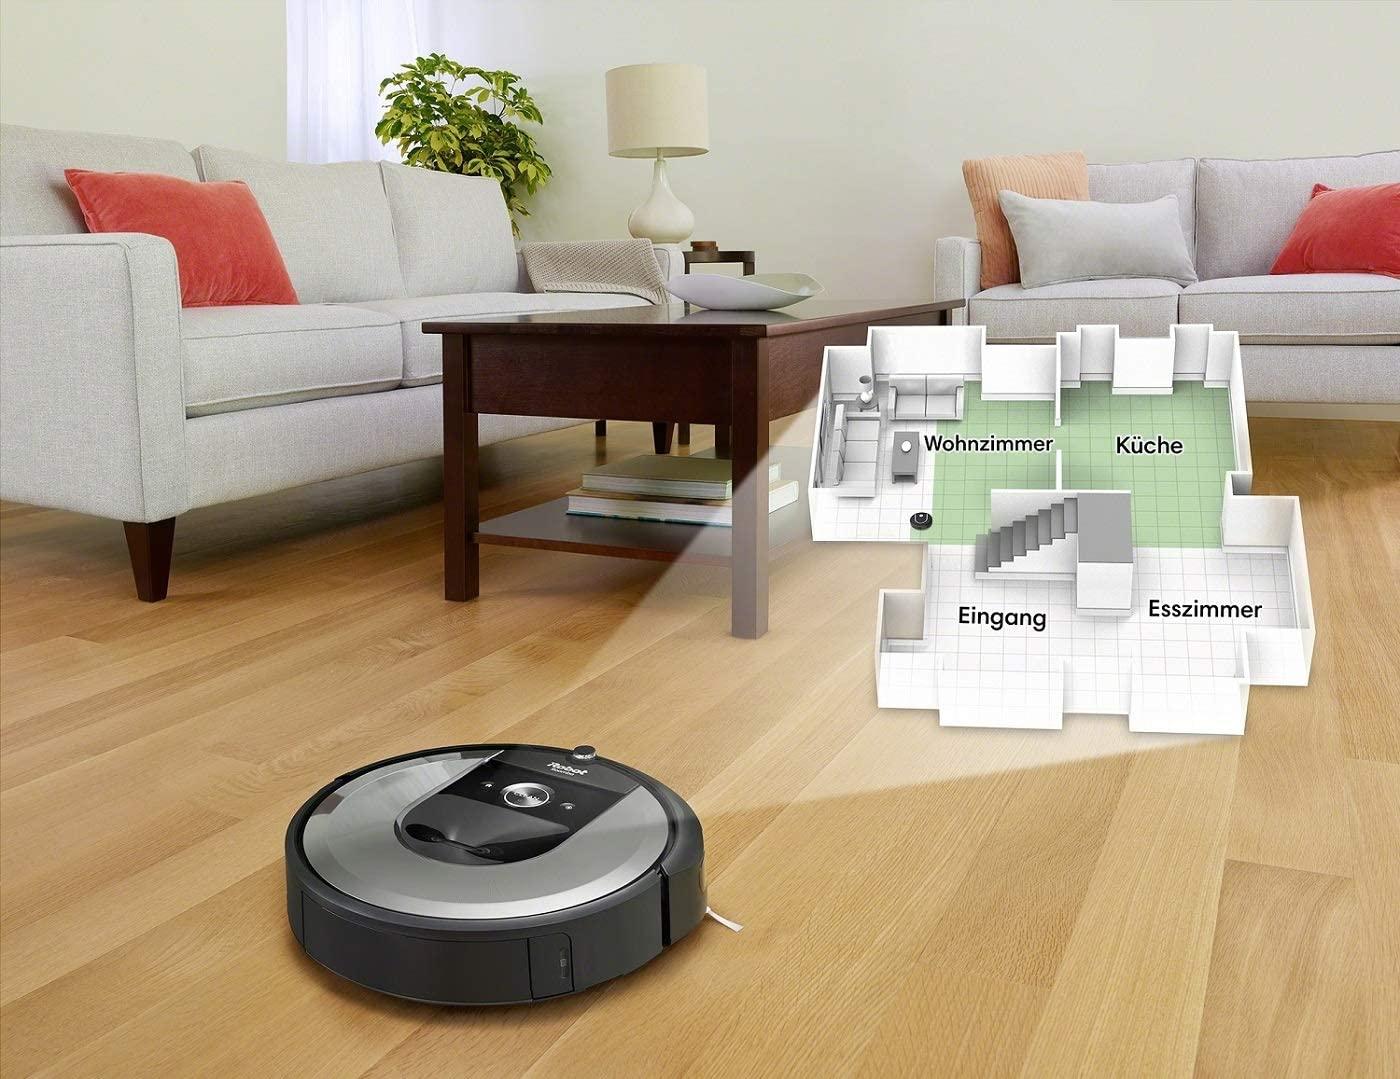 [Amazon] iRobot Roomba i7 noch nie so günstig gesehen